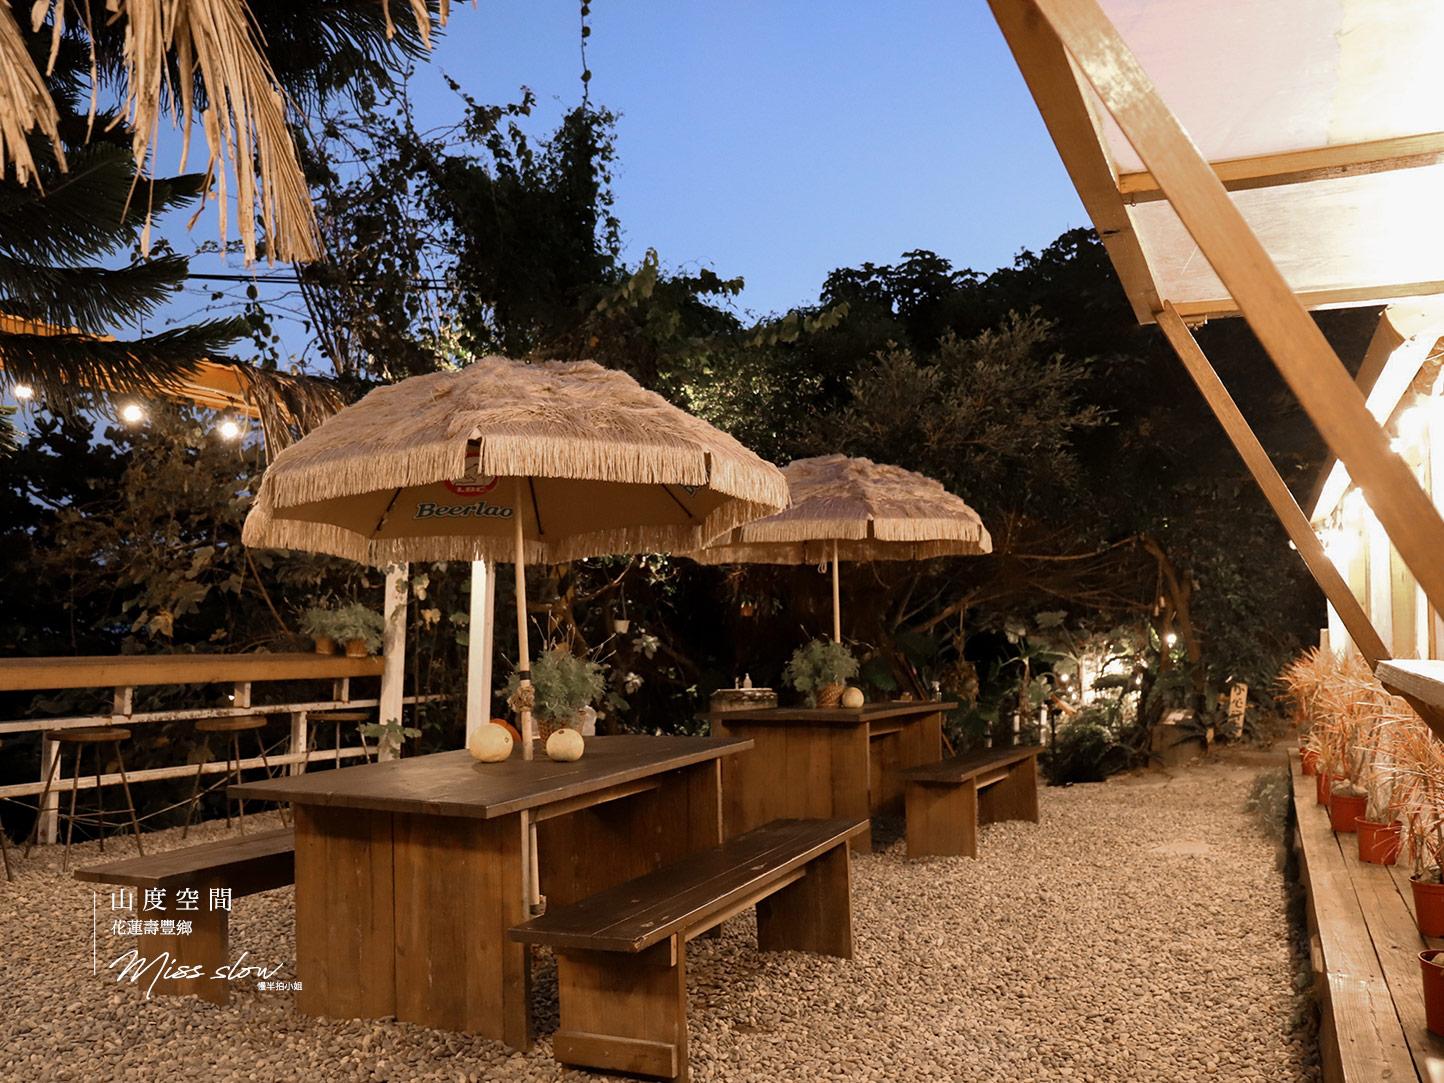 花蓮山度空間-椅子飲食區